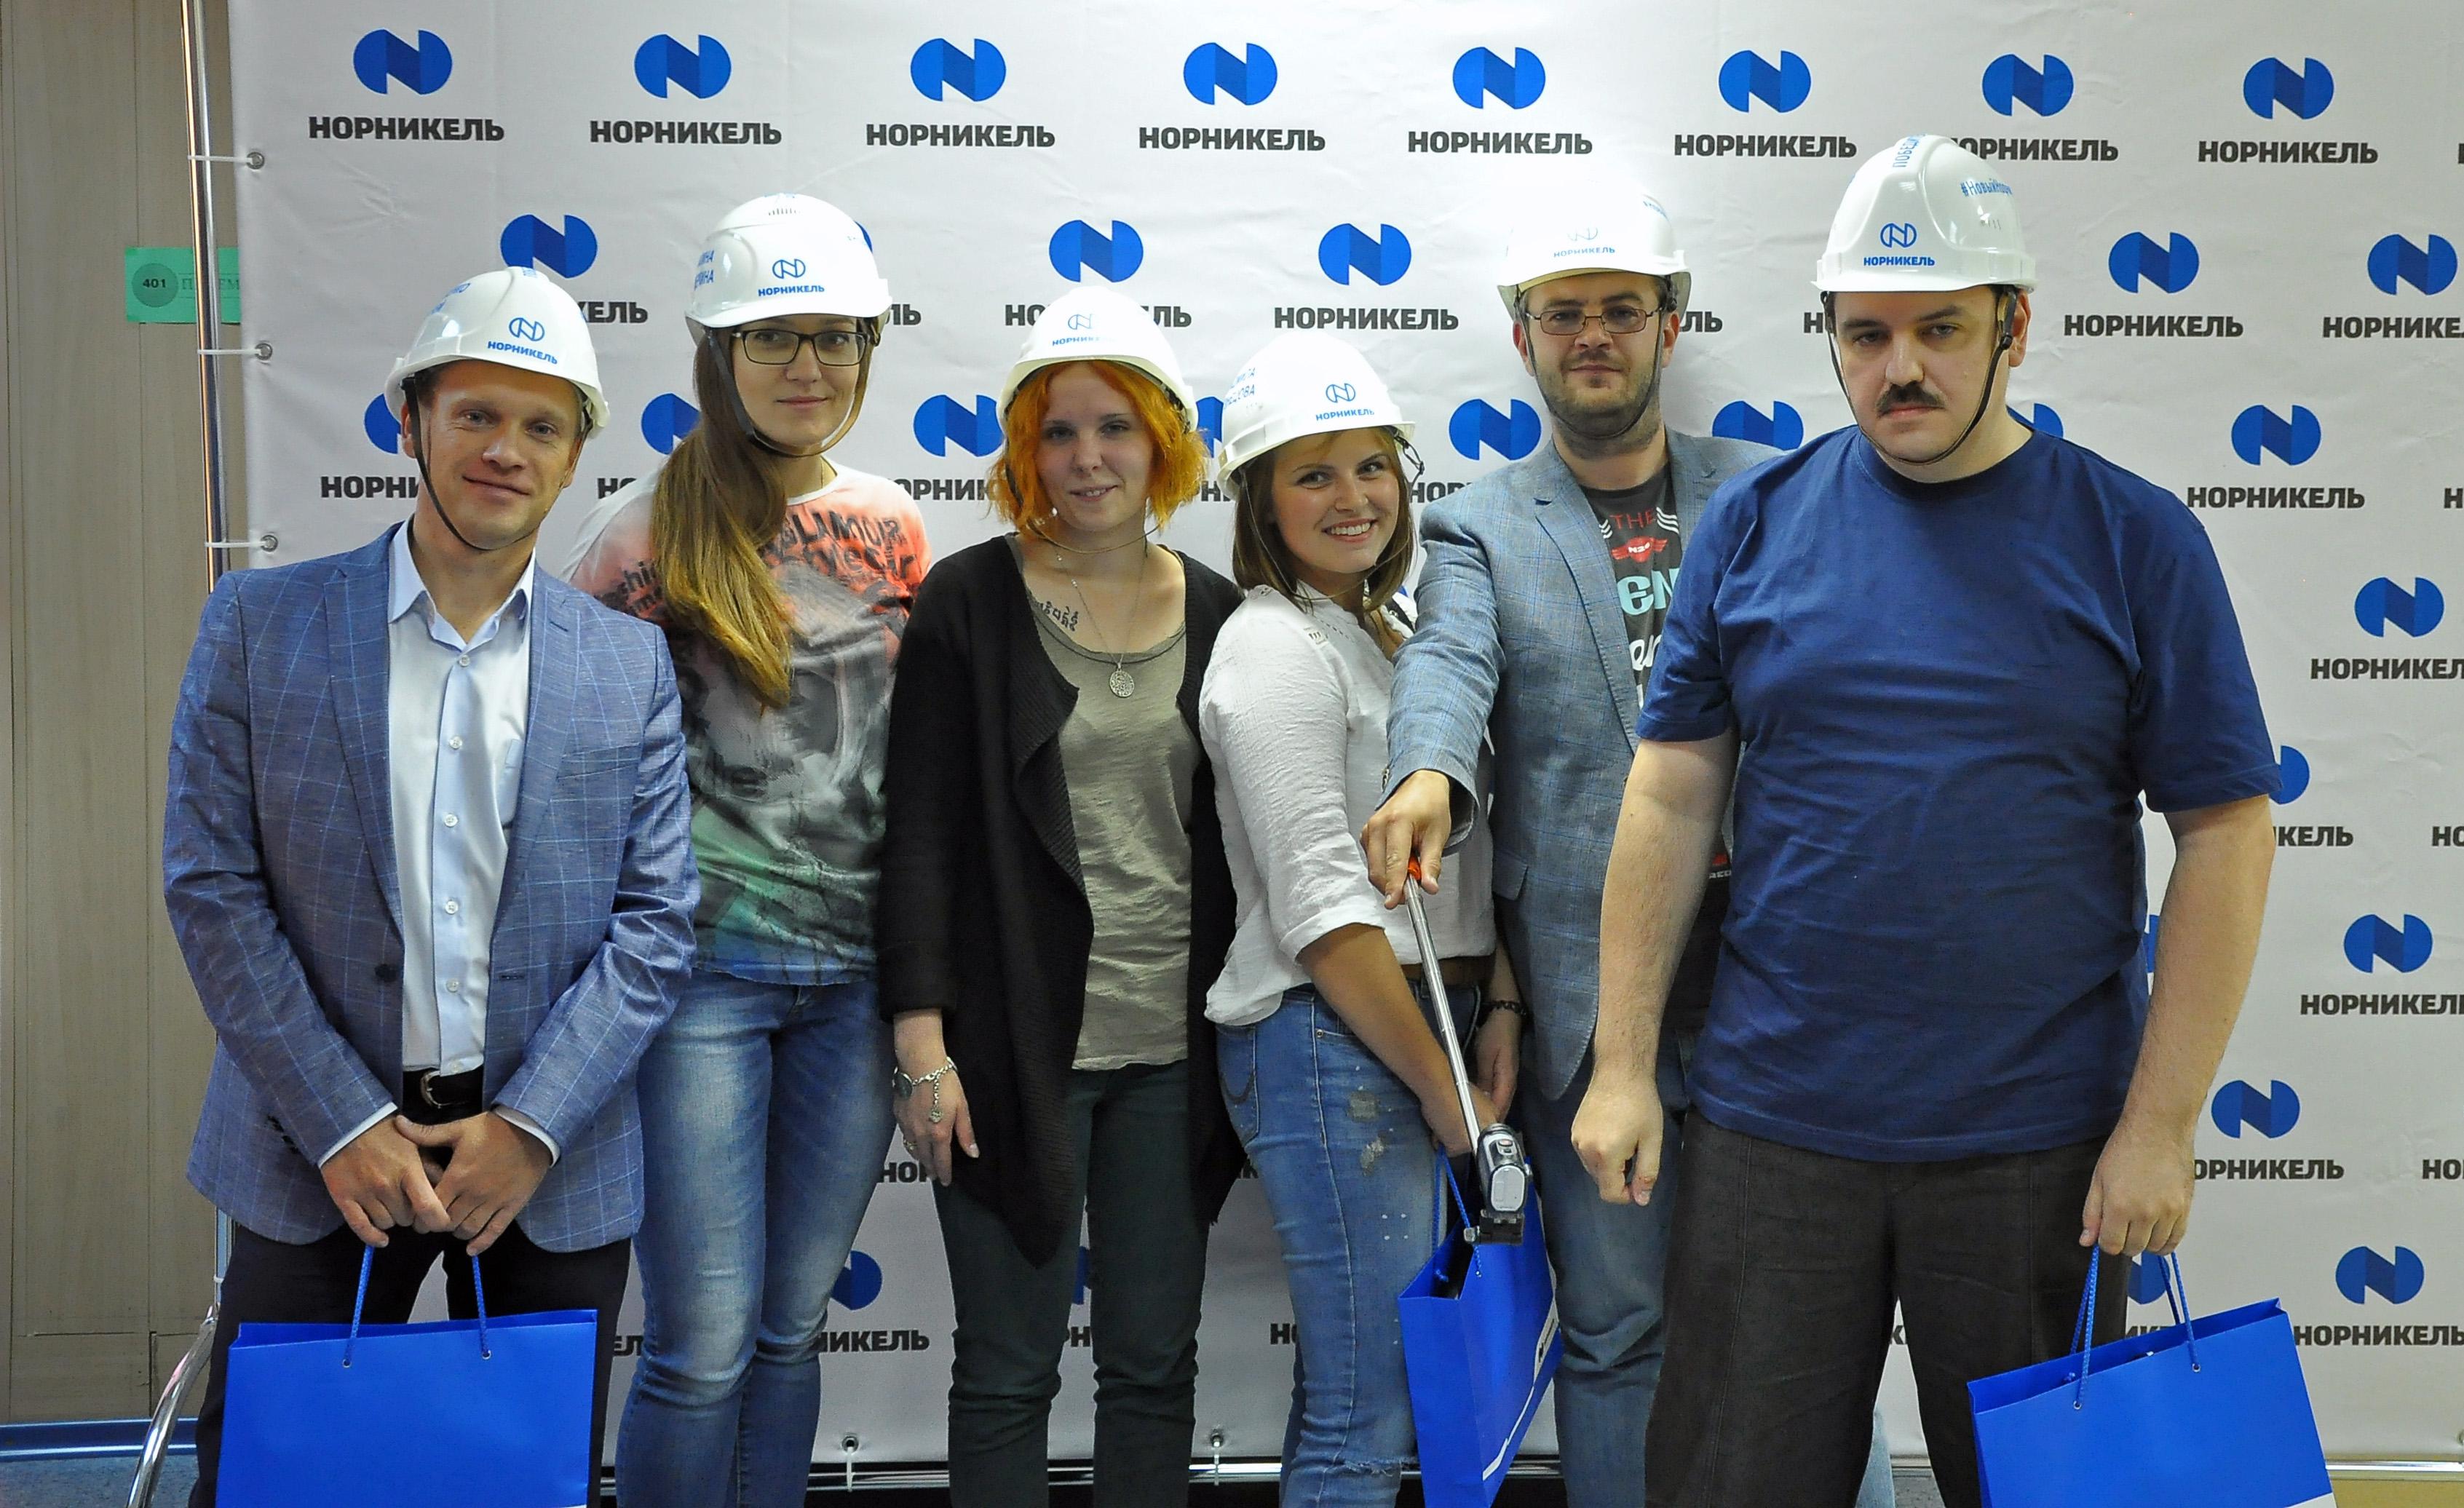 Победители фотоконкурса #НовыйНорникель получили заслуженные награды